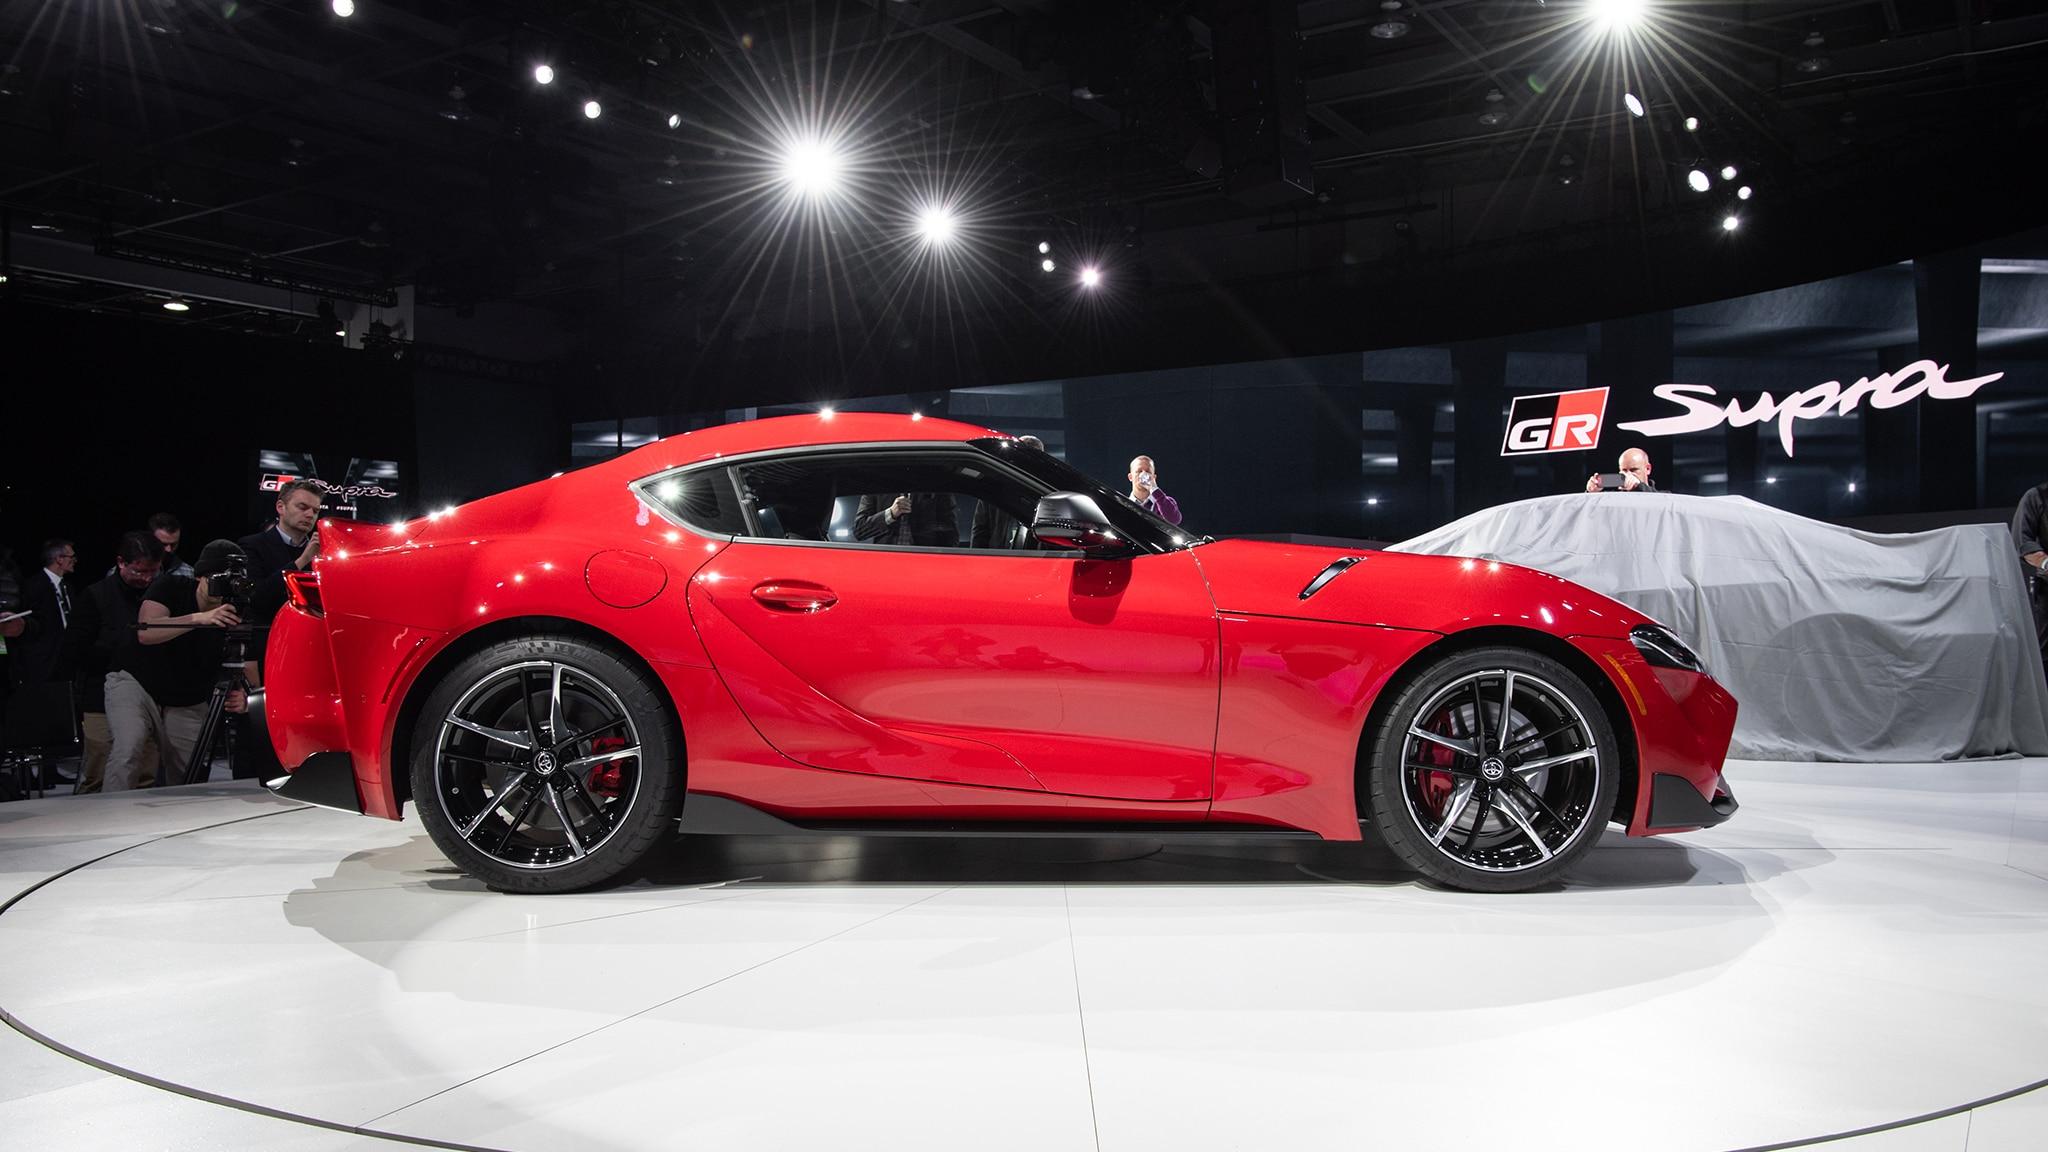 010e29abca 2020 Toyota Supra Design Analysis: Interior, Exterior, Details ...